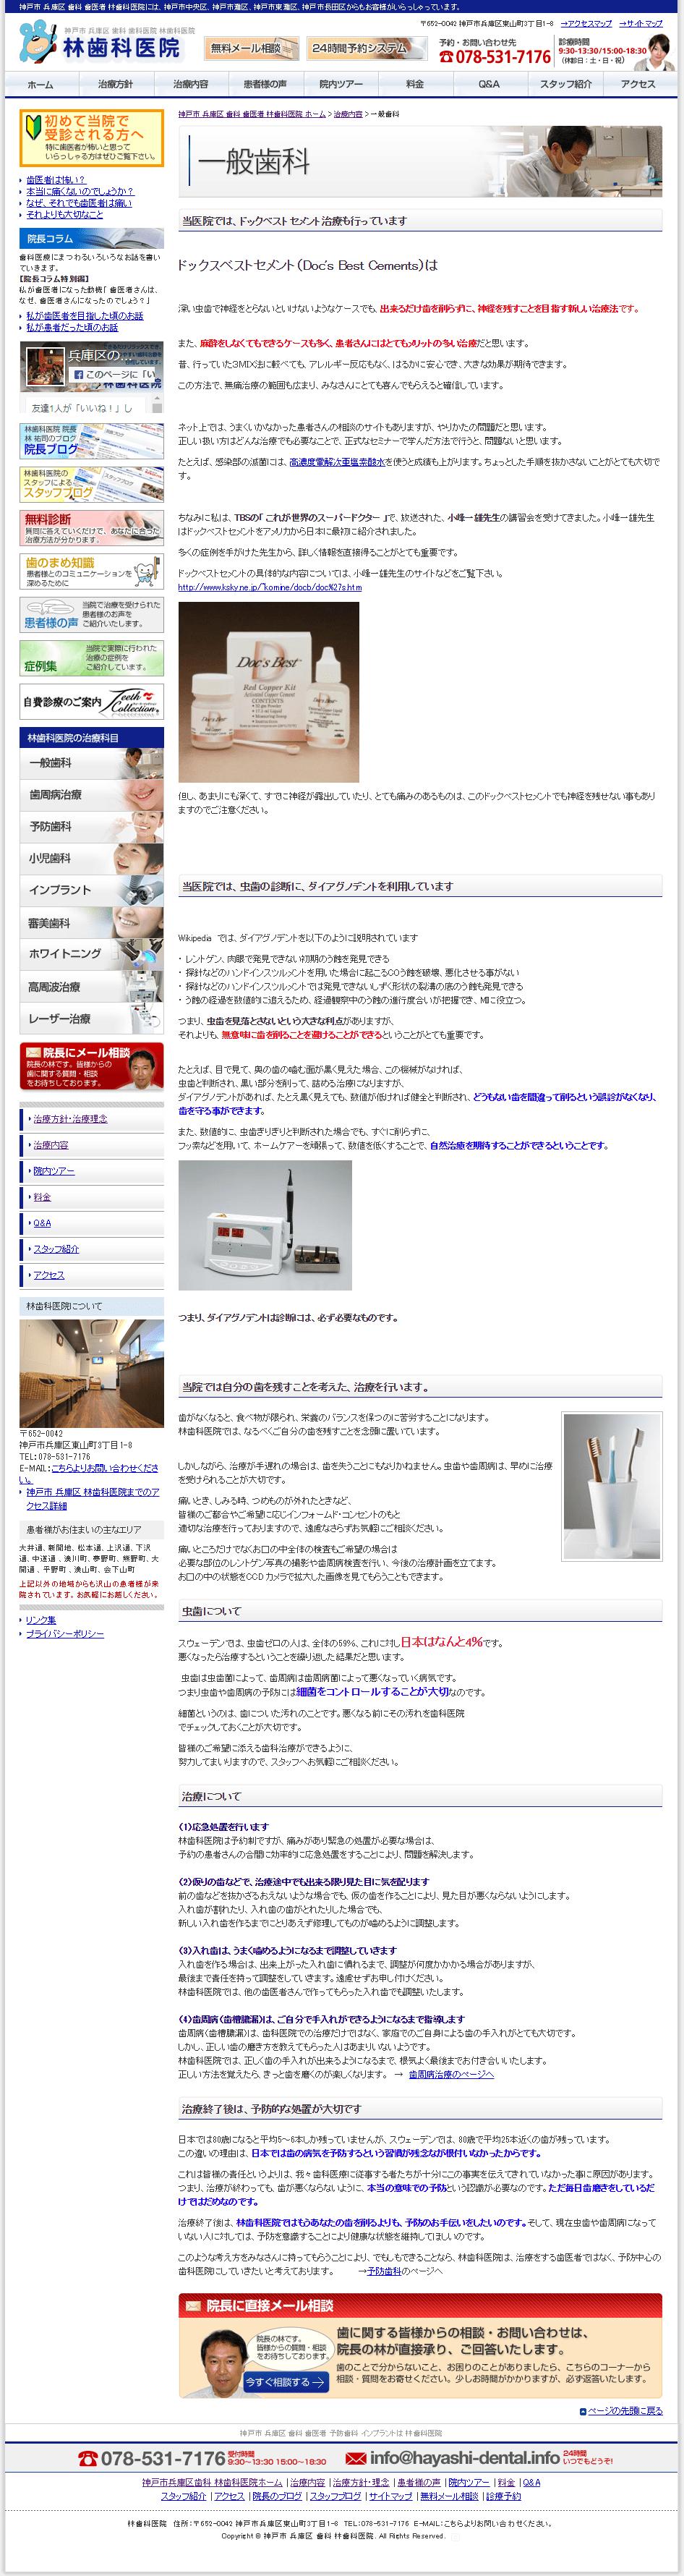 神戸市 林歯科医院様 ホームページ制作1